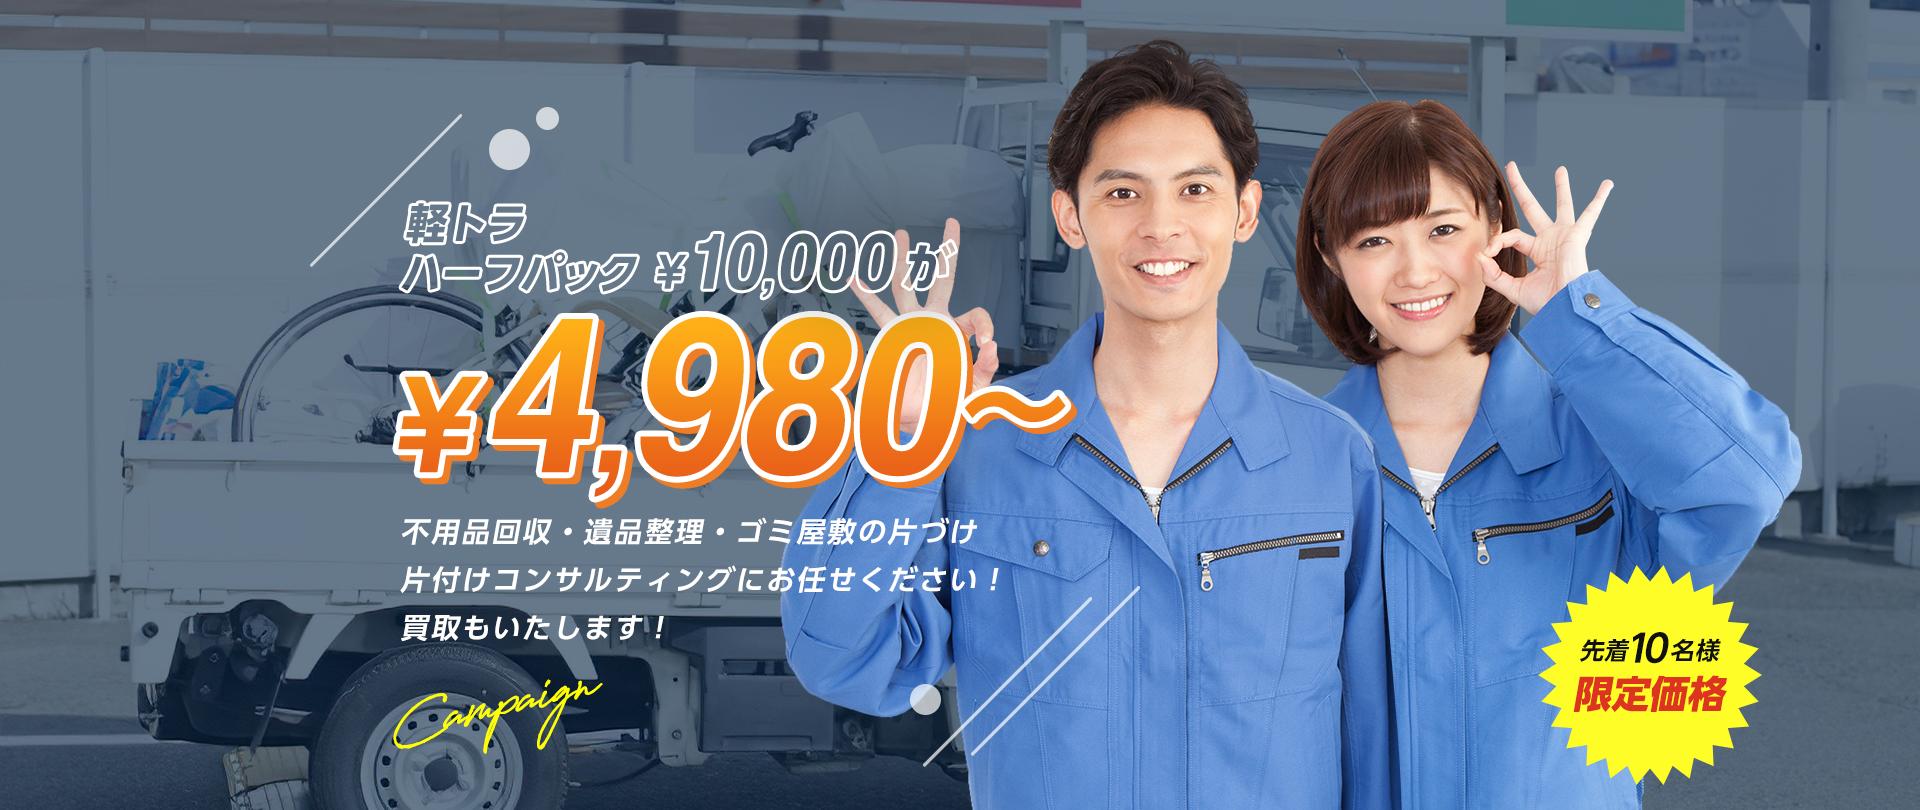 先着10名様 限定価格 軽トラ ハーフパックが¥10,000が¥4,980~ 不用品回収・遺品整理・ゴミ屋敷の片づけ 片付けコンサルティングにお任せください!買取もいたします!